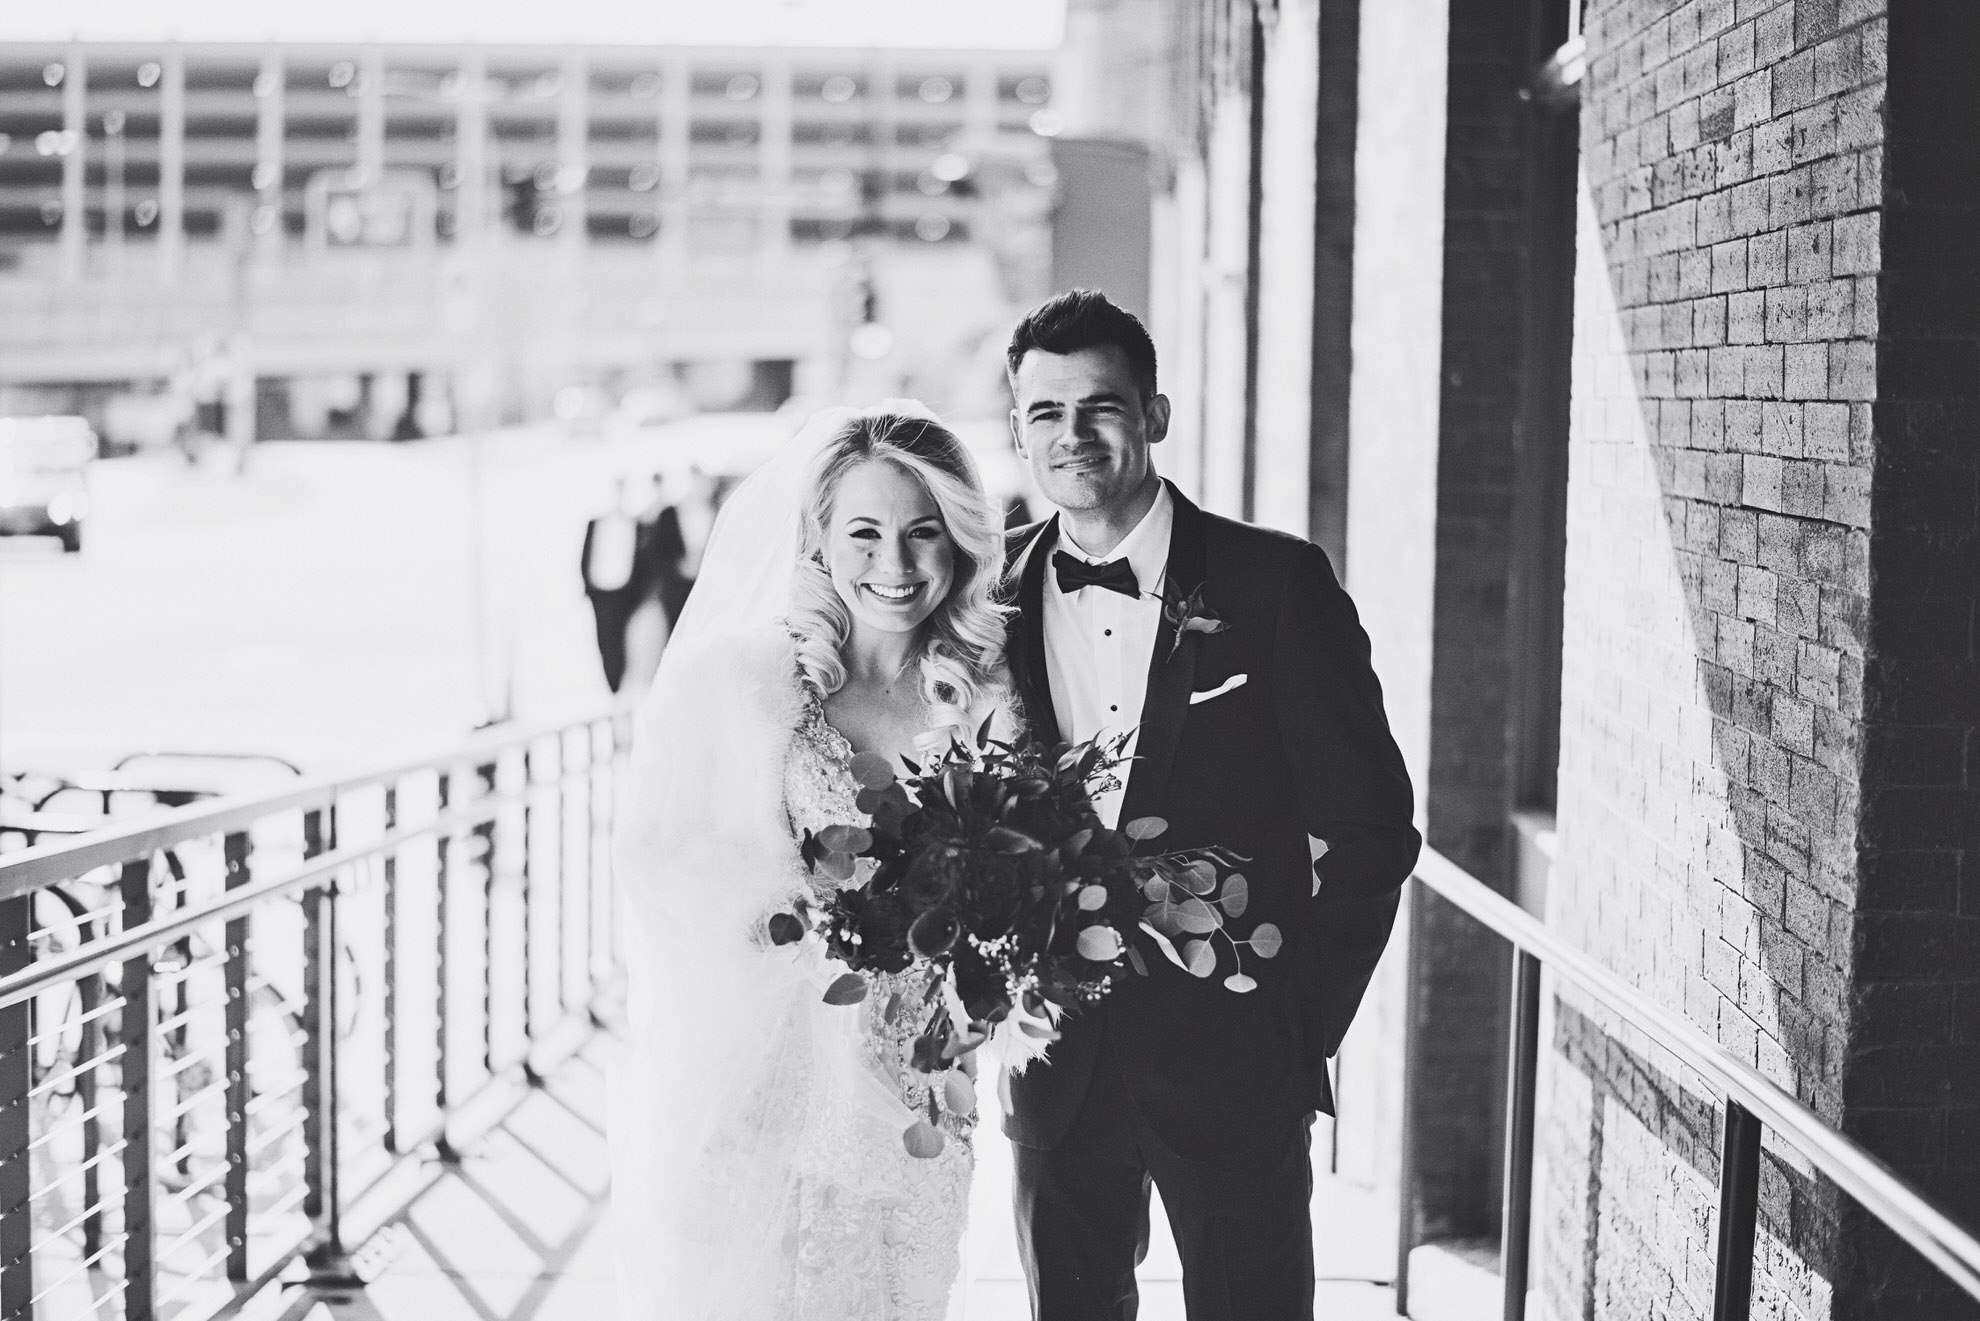 erika_Alex_wedding_by_lucas_botz_photography_0885.jpg